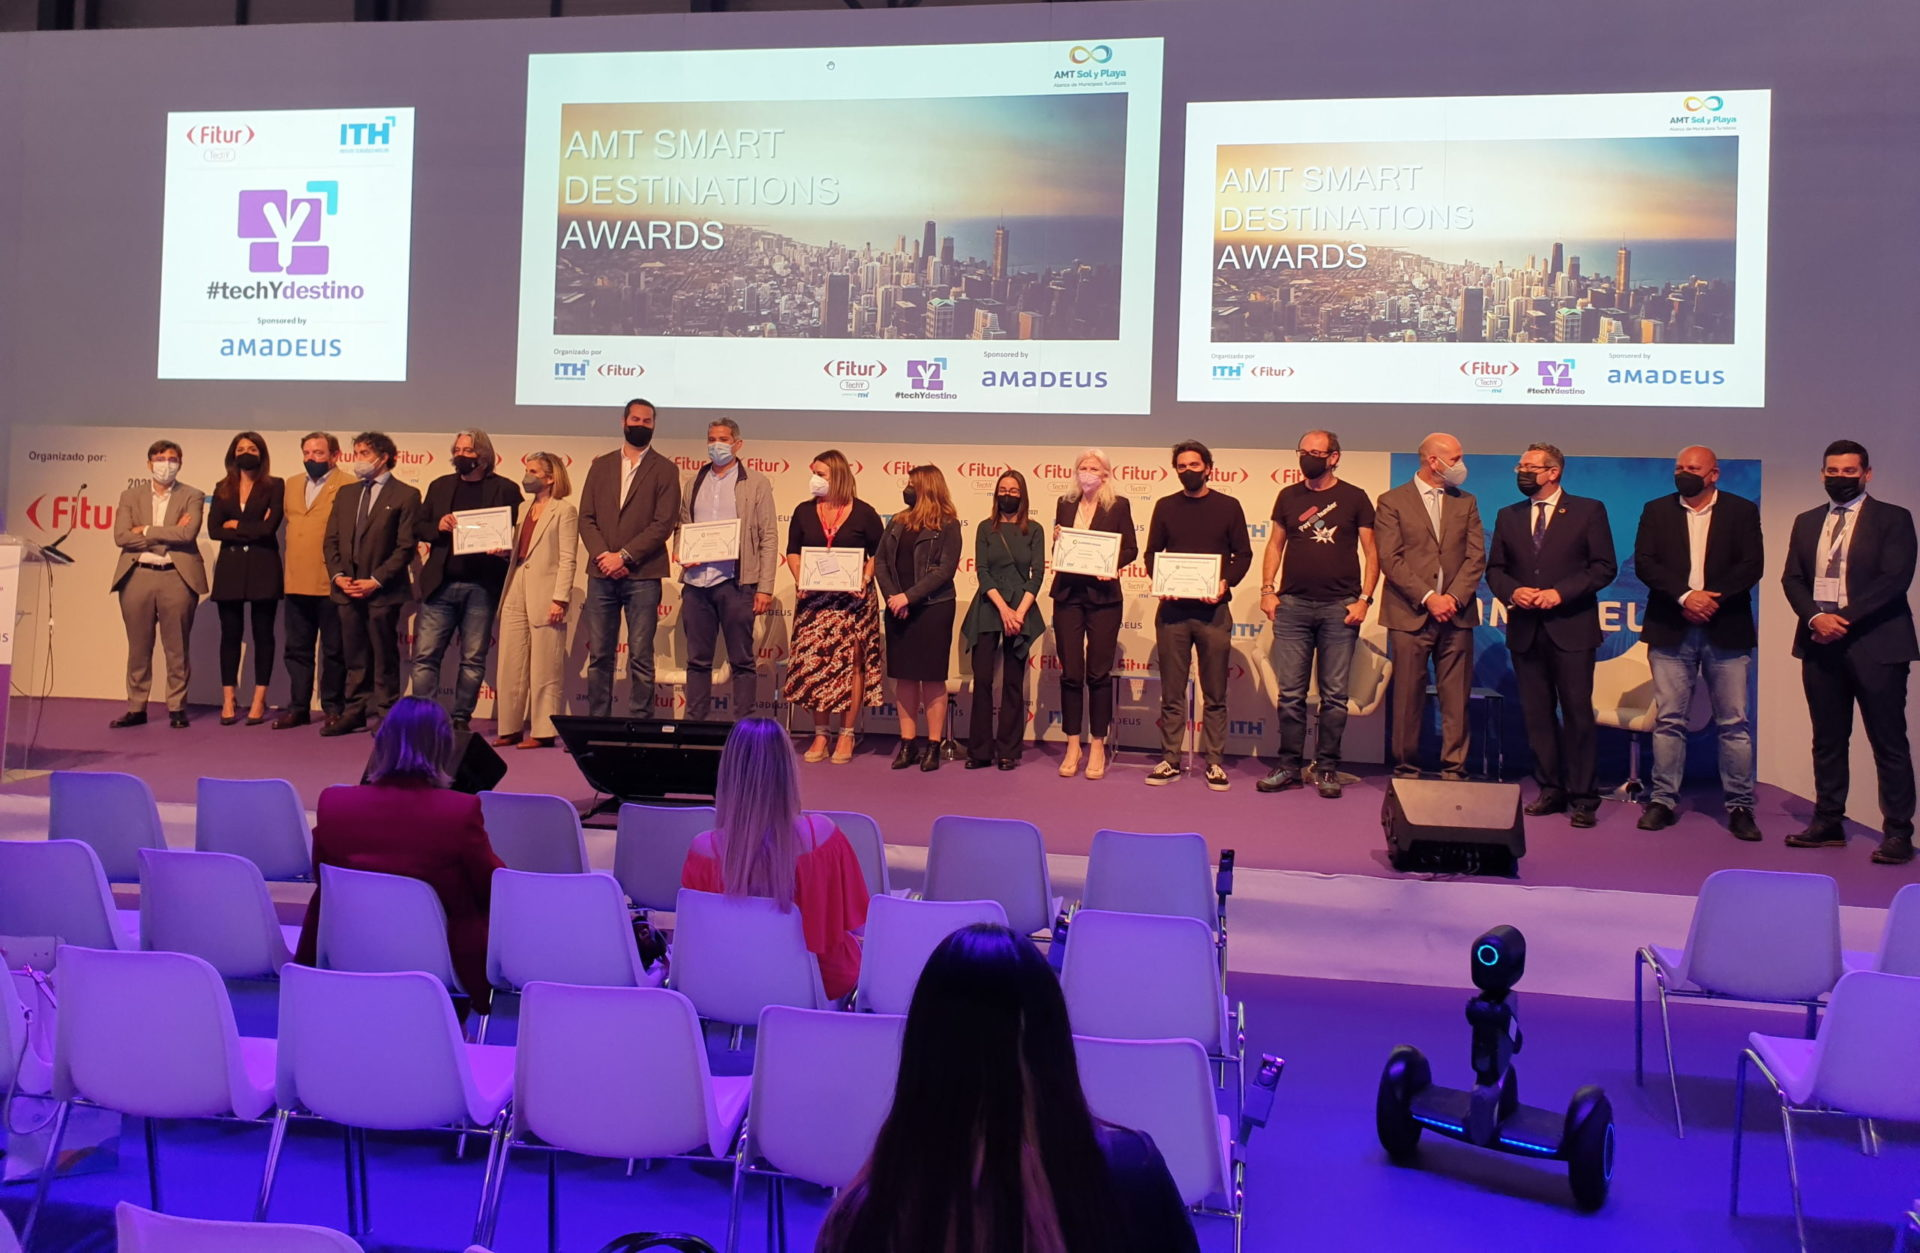 amt smart destinations awards